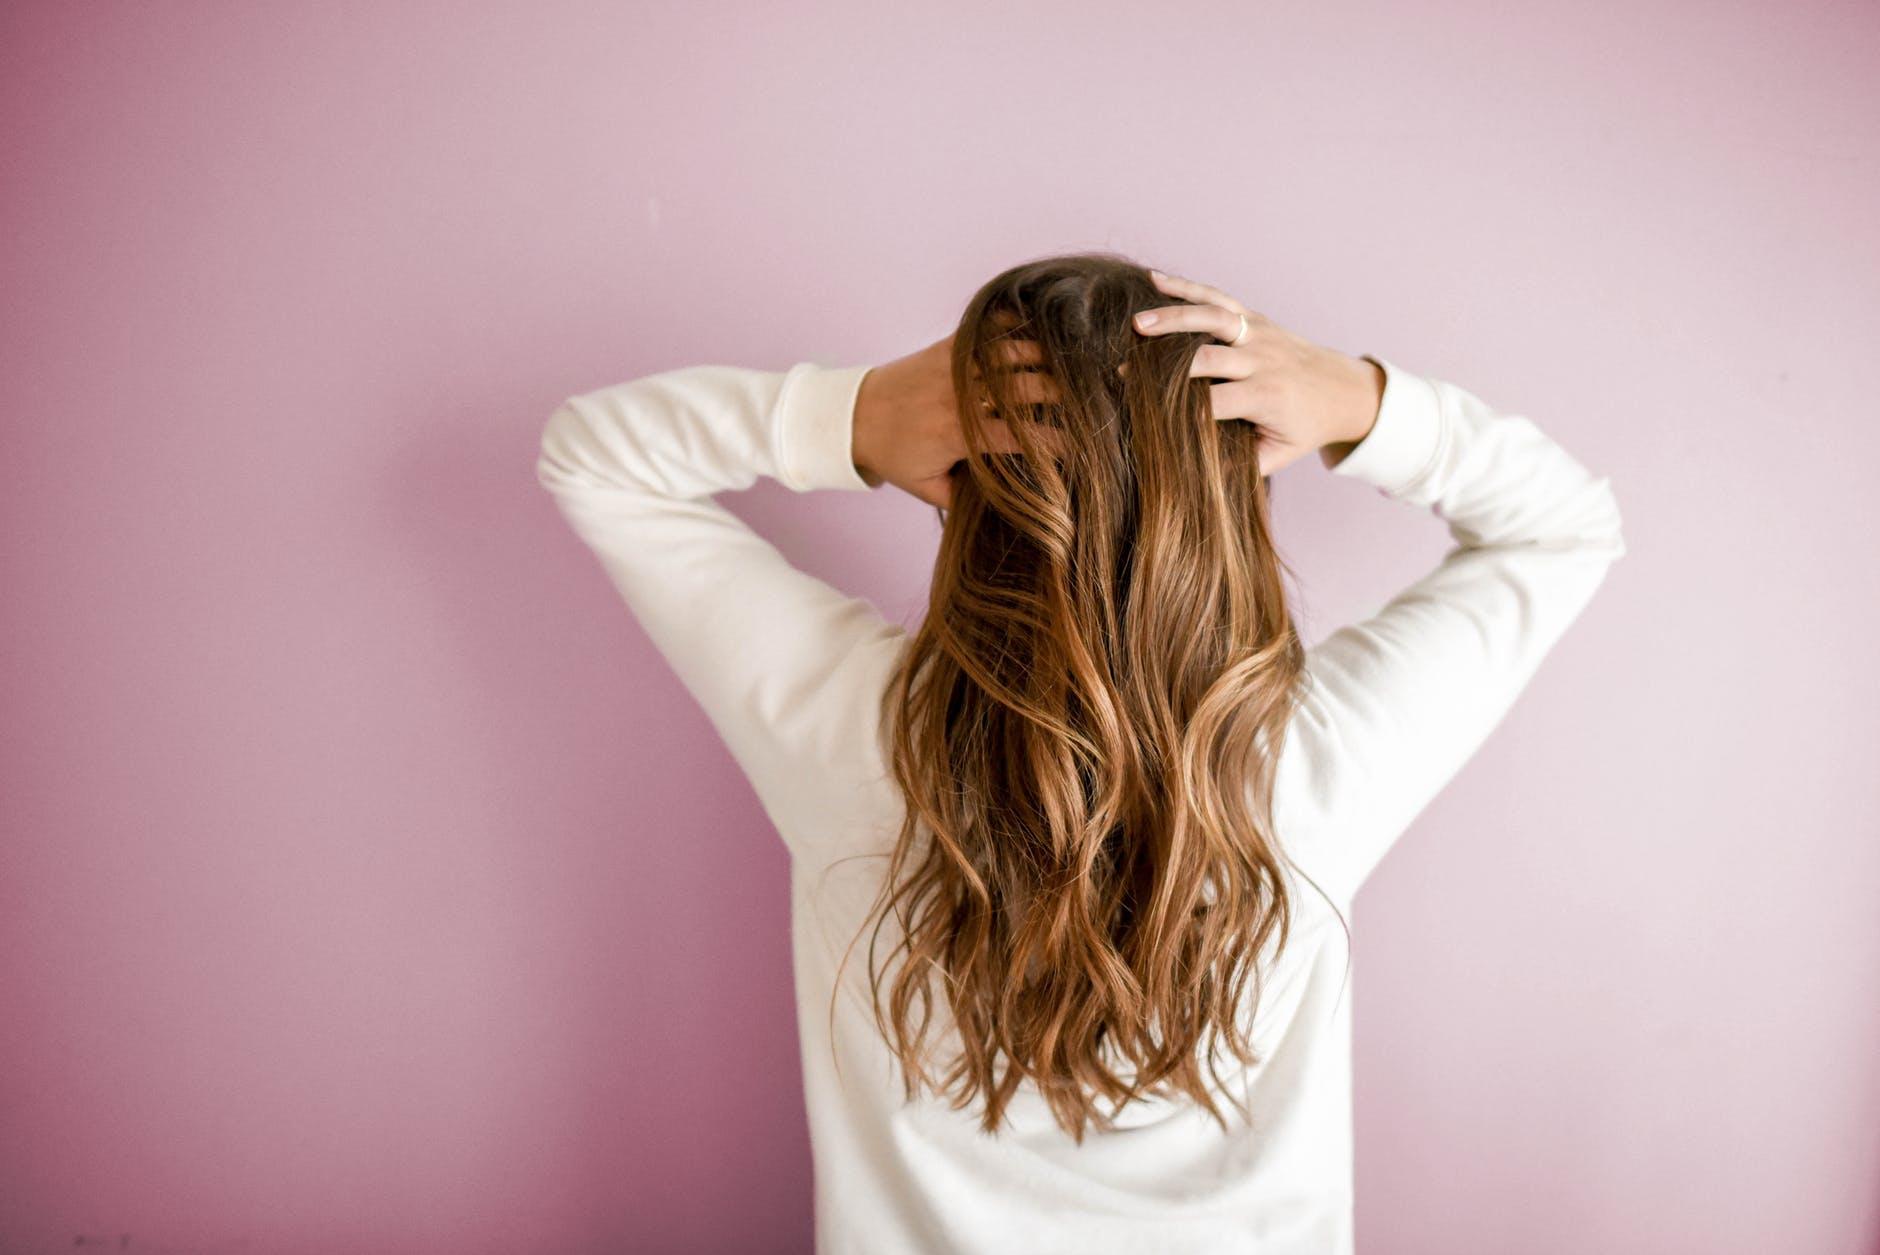 Comment faire pour avoir des cheveux en bonne santé ?